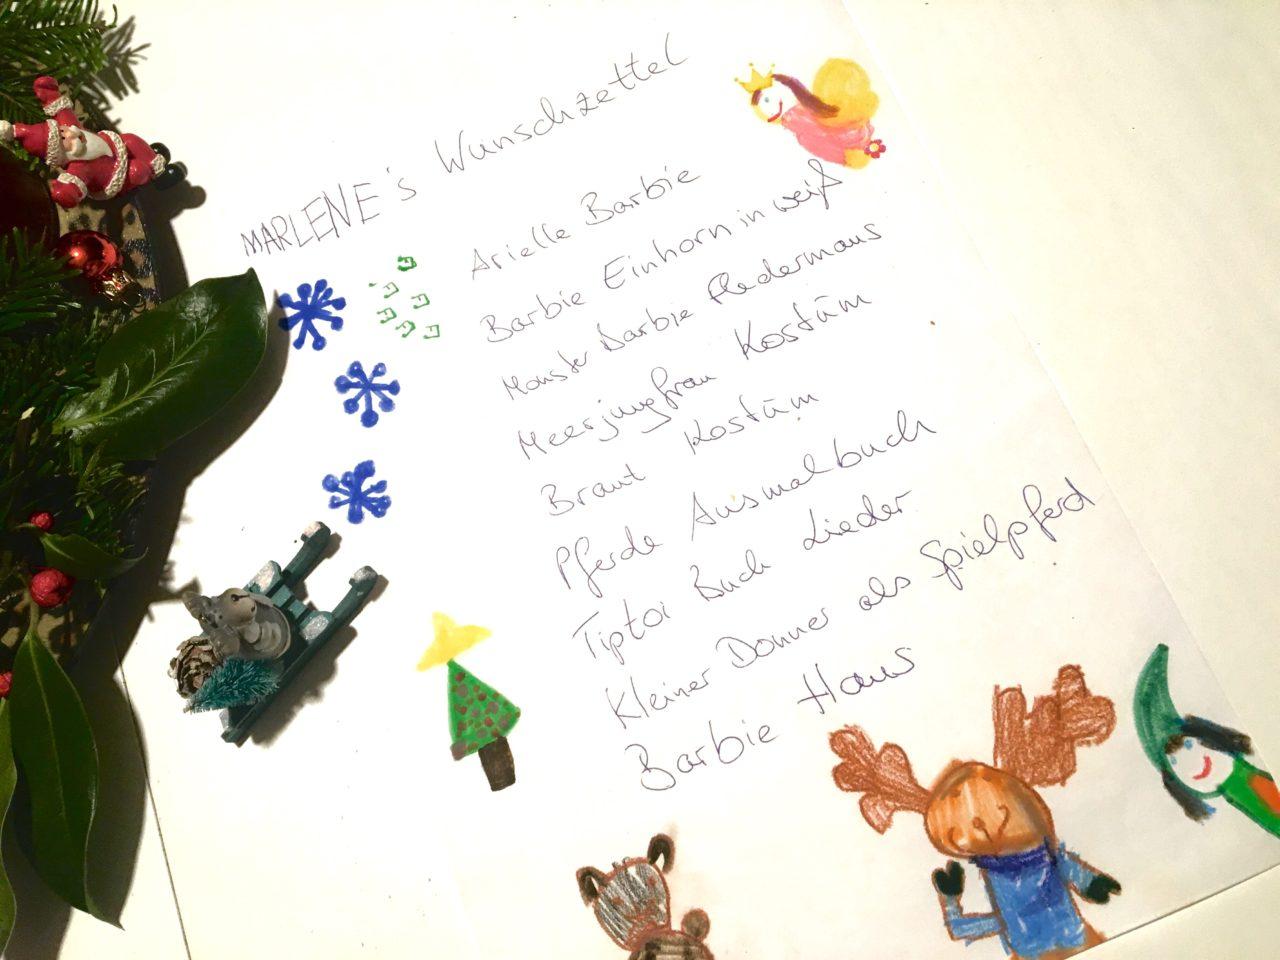 Weihnachtsgeschenke Für Kinder.Die Weihnachtsgeschenke Der Kinder Super Mom Blog Mama Blog Von